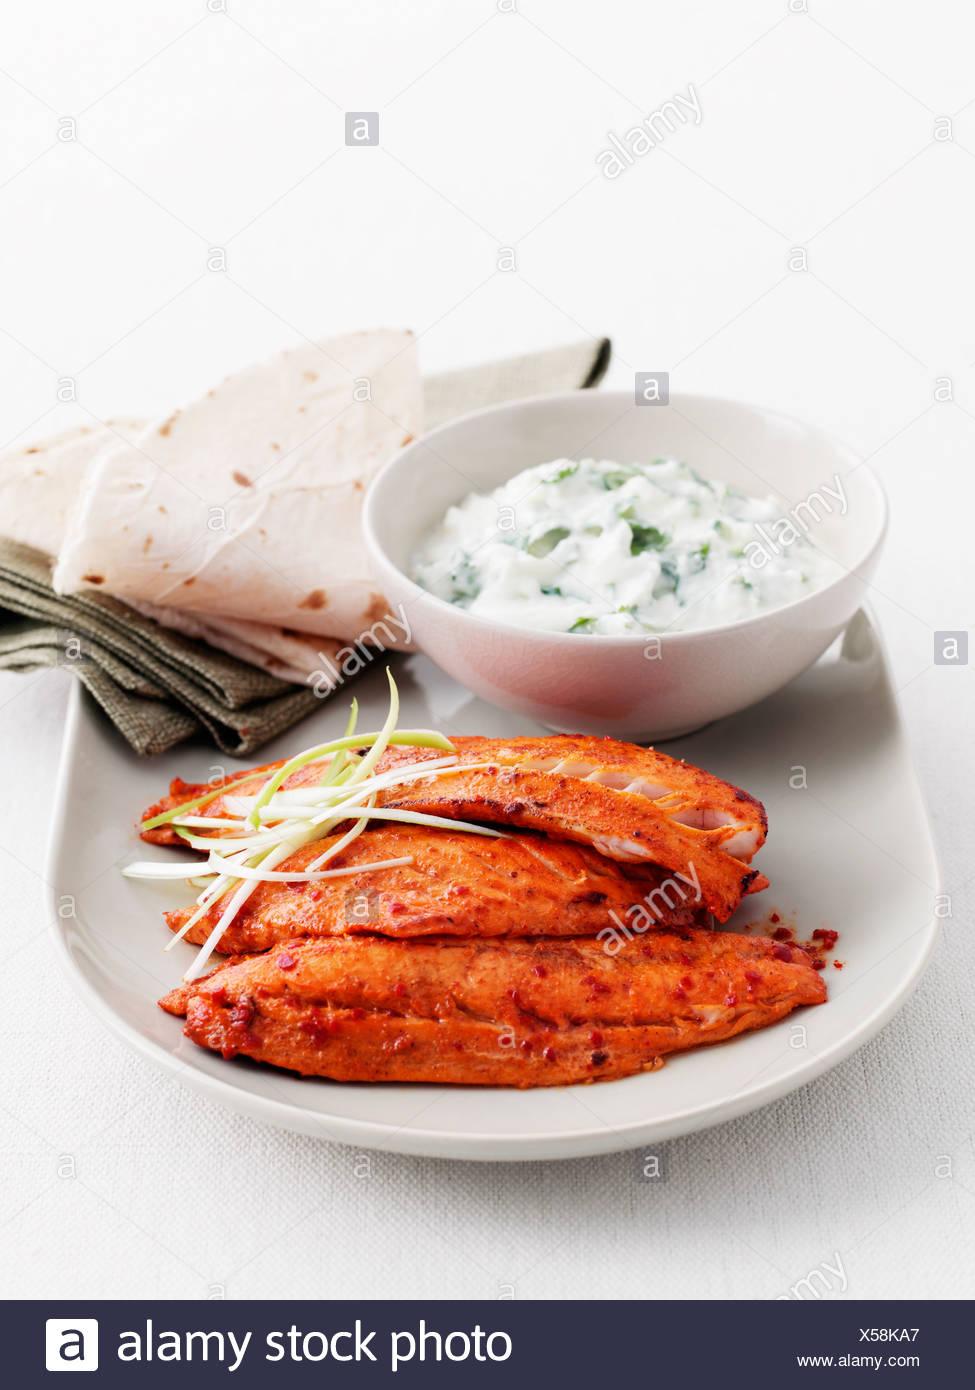 Assiette de viande en sauce et du pain Photo Stock